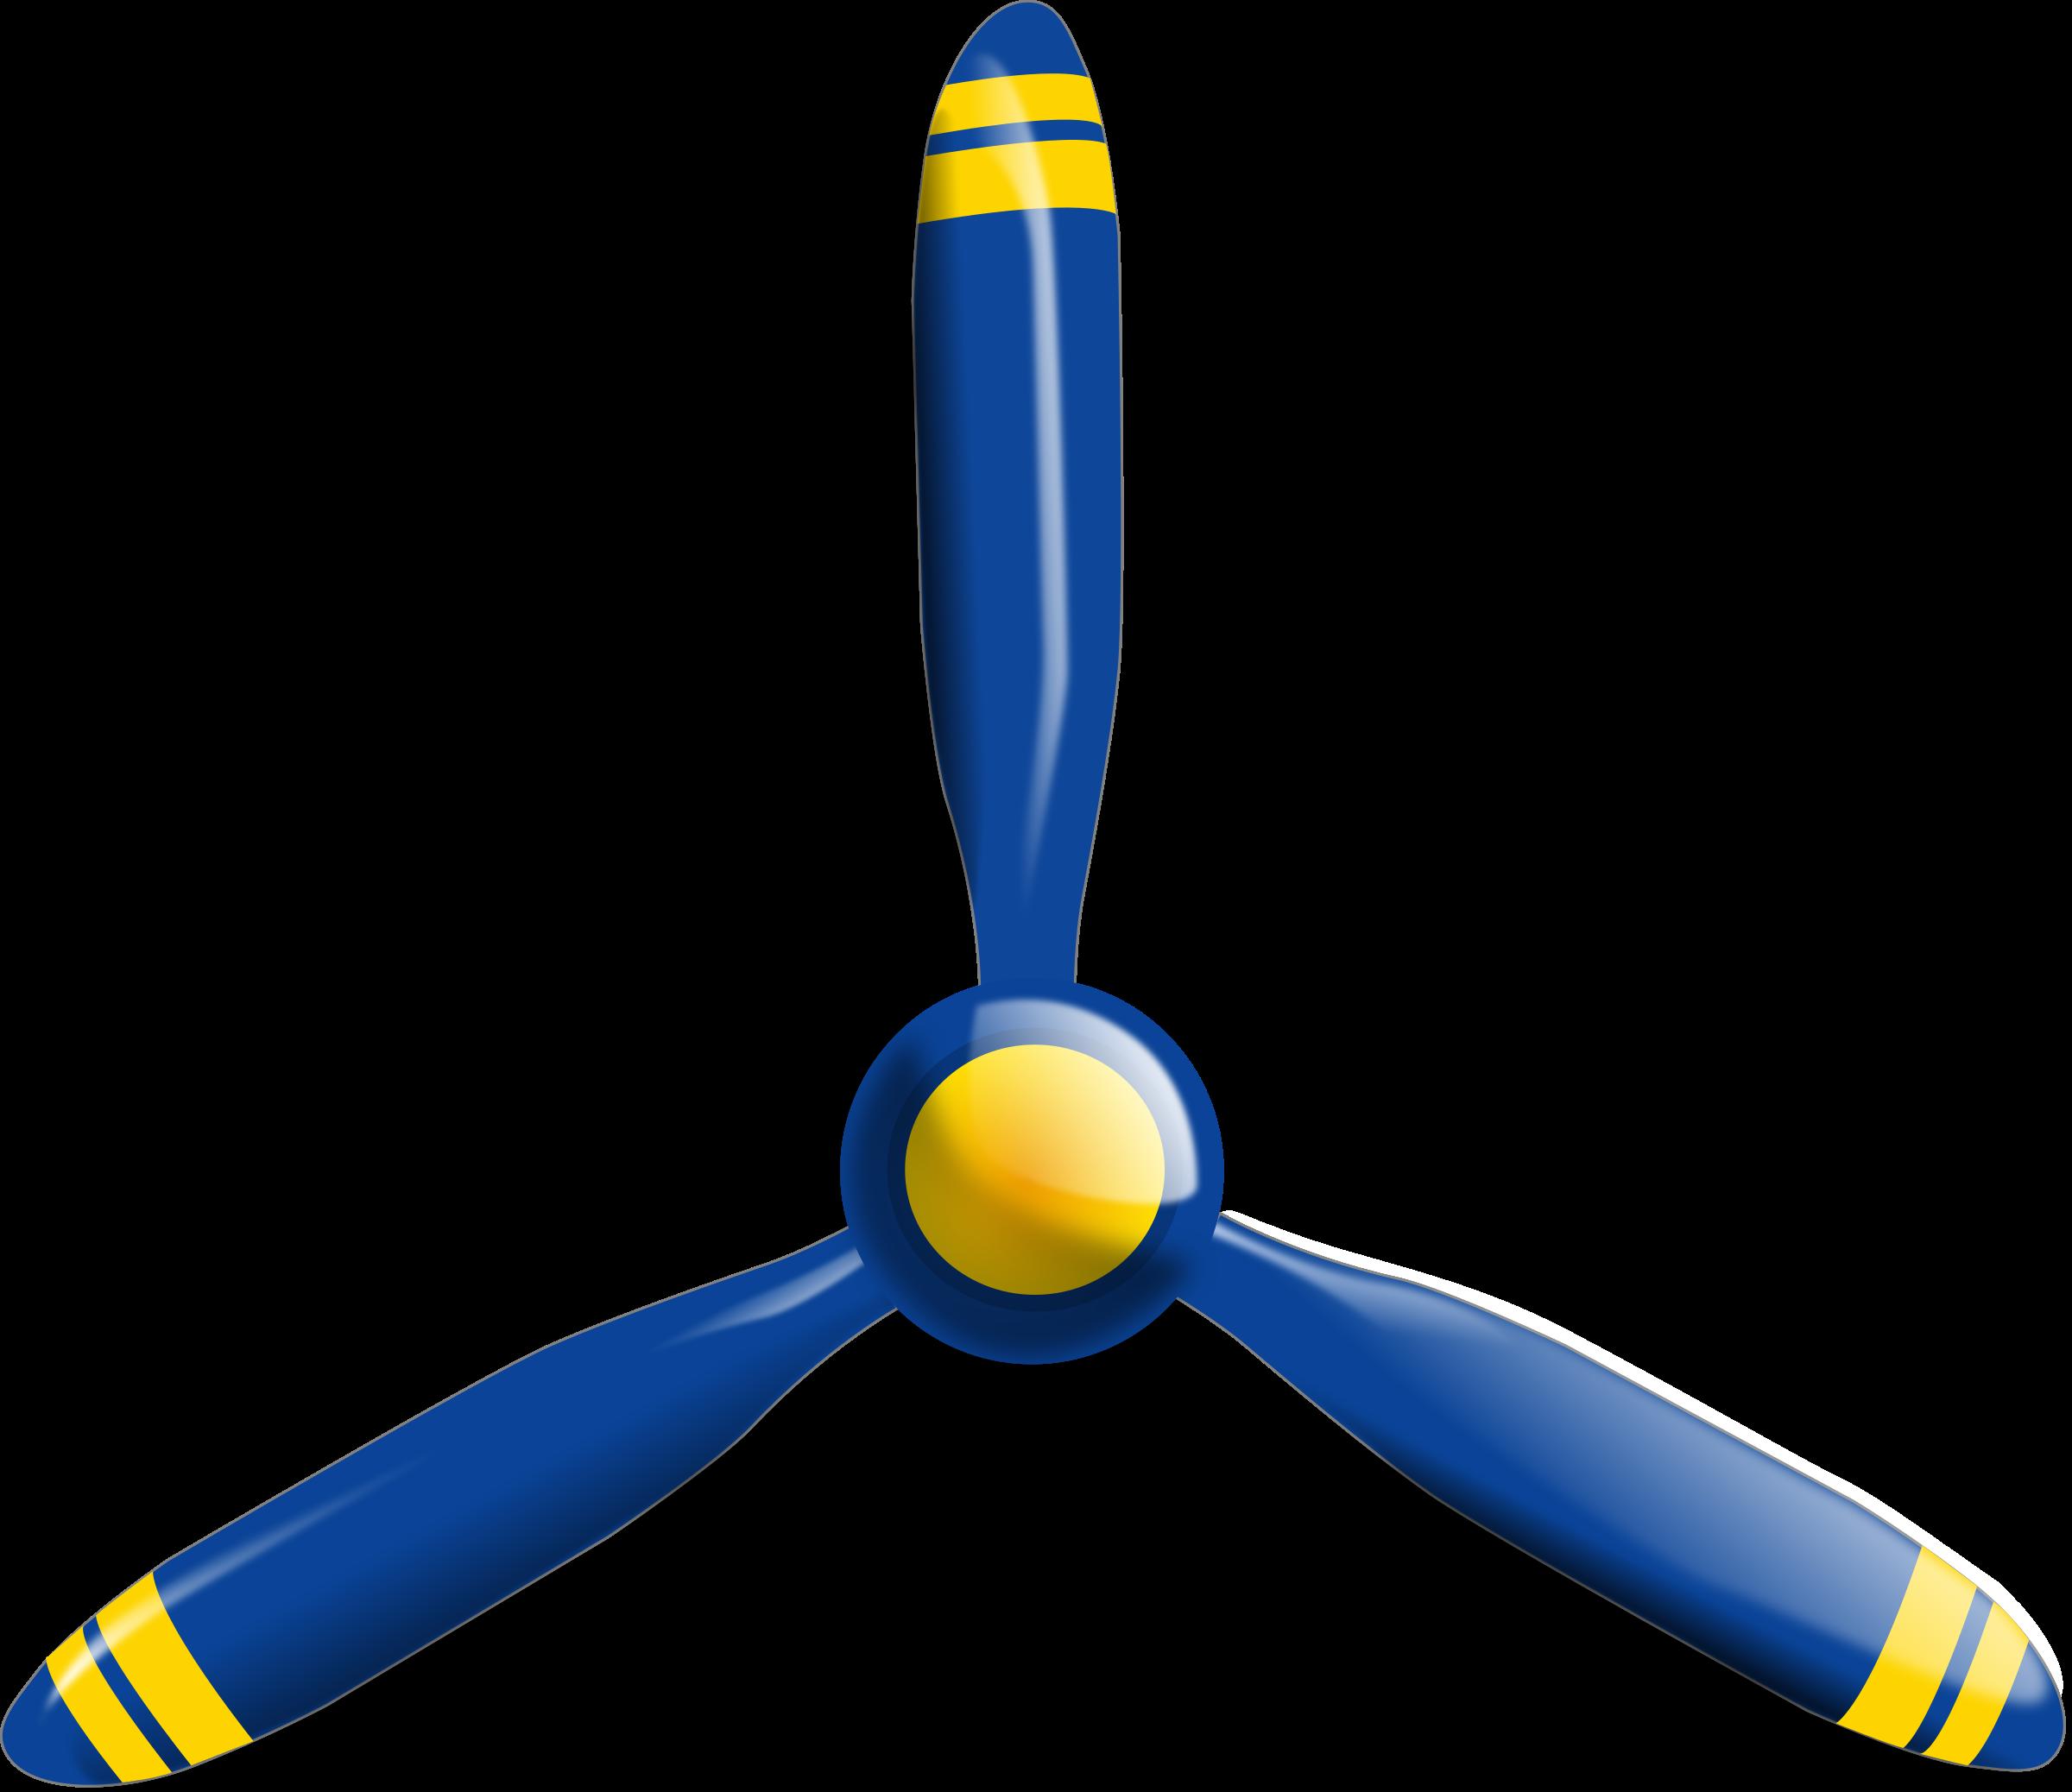 Five Blade Propeller Clip Art : Aircraft propeller clipart clipground